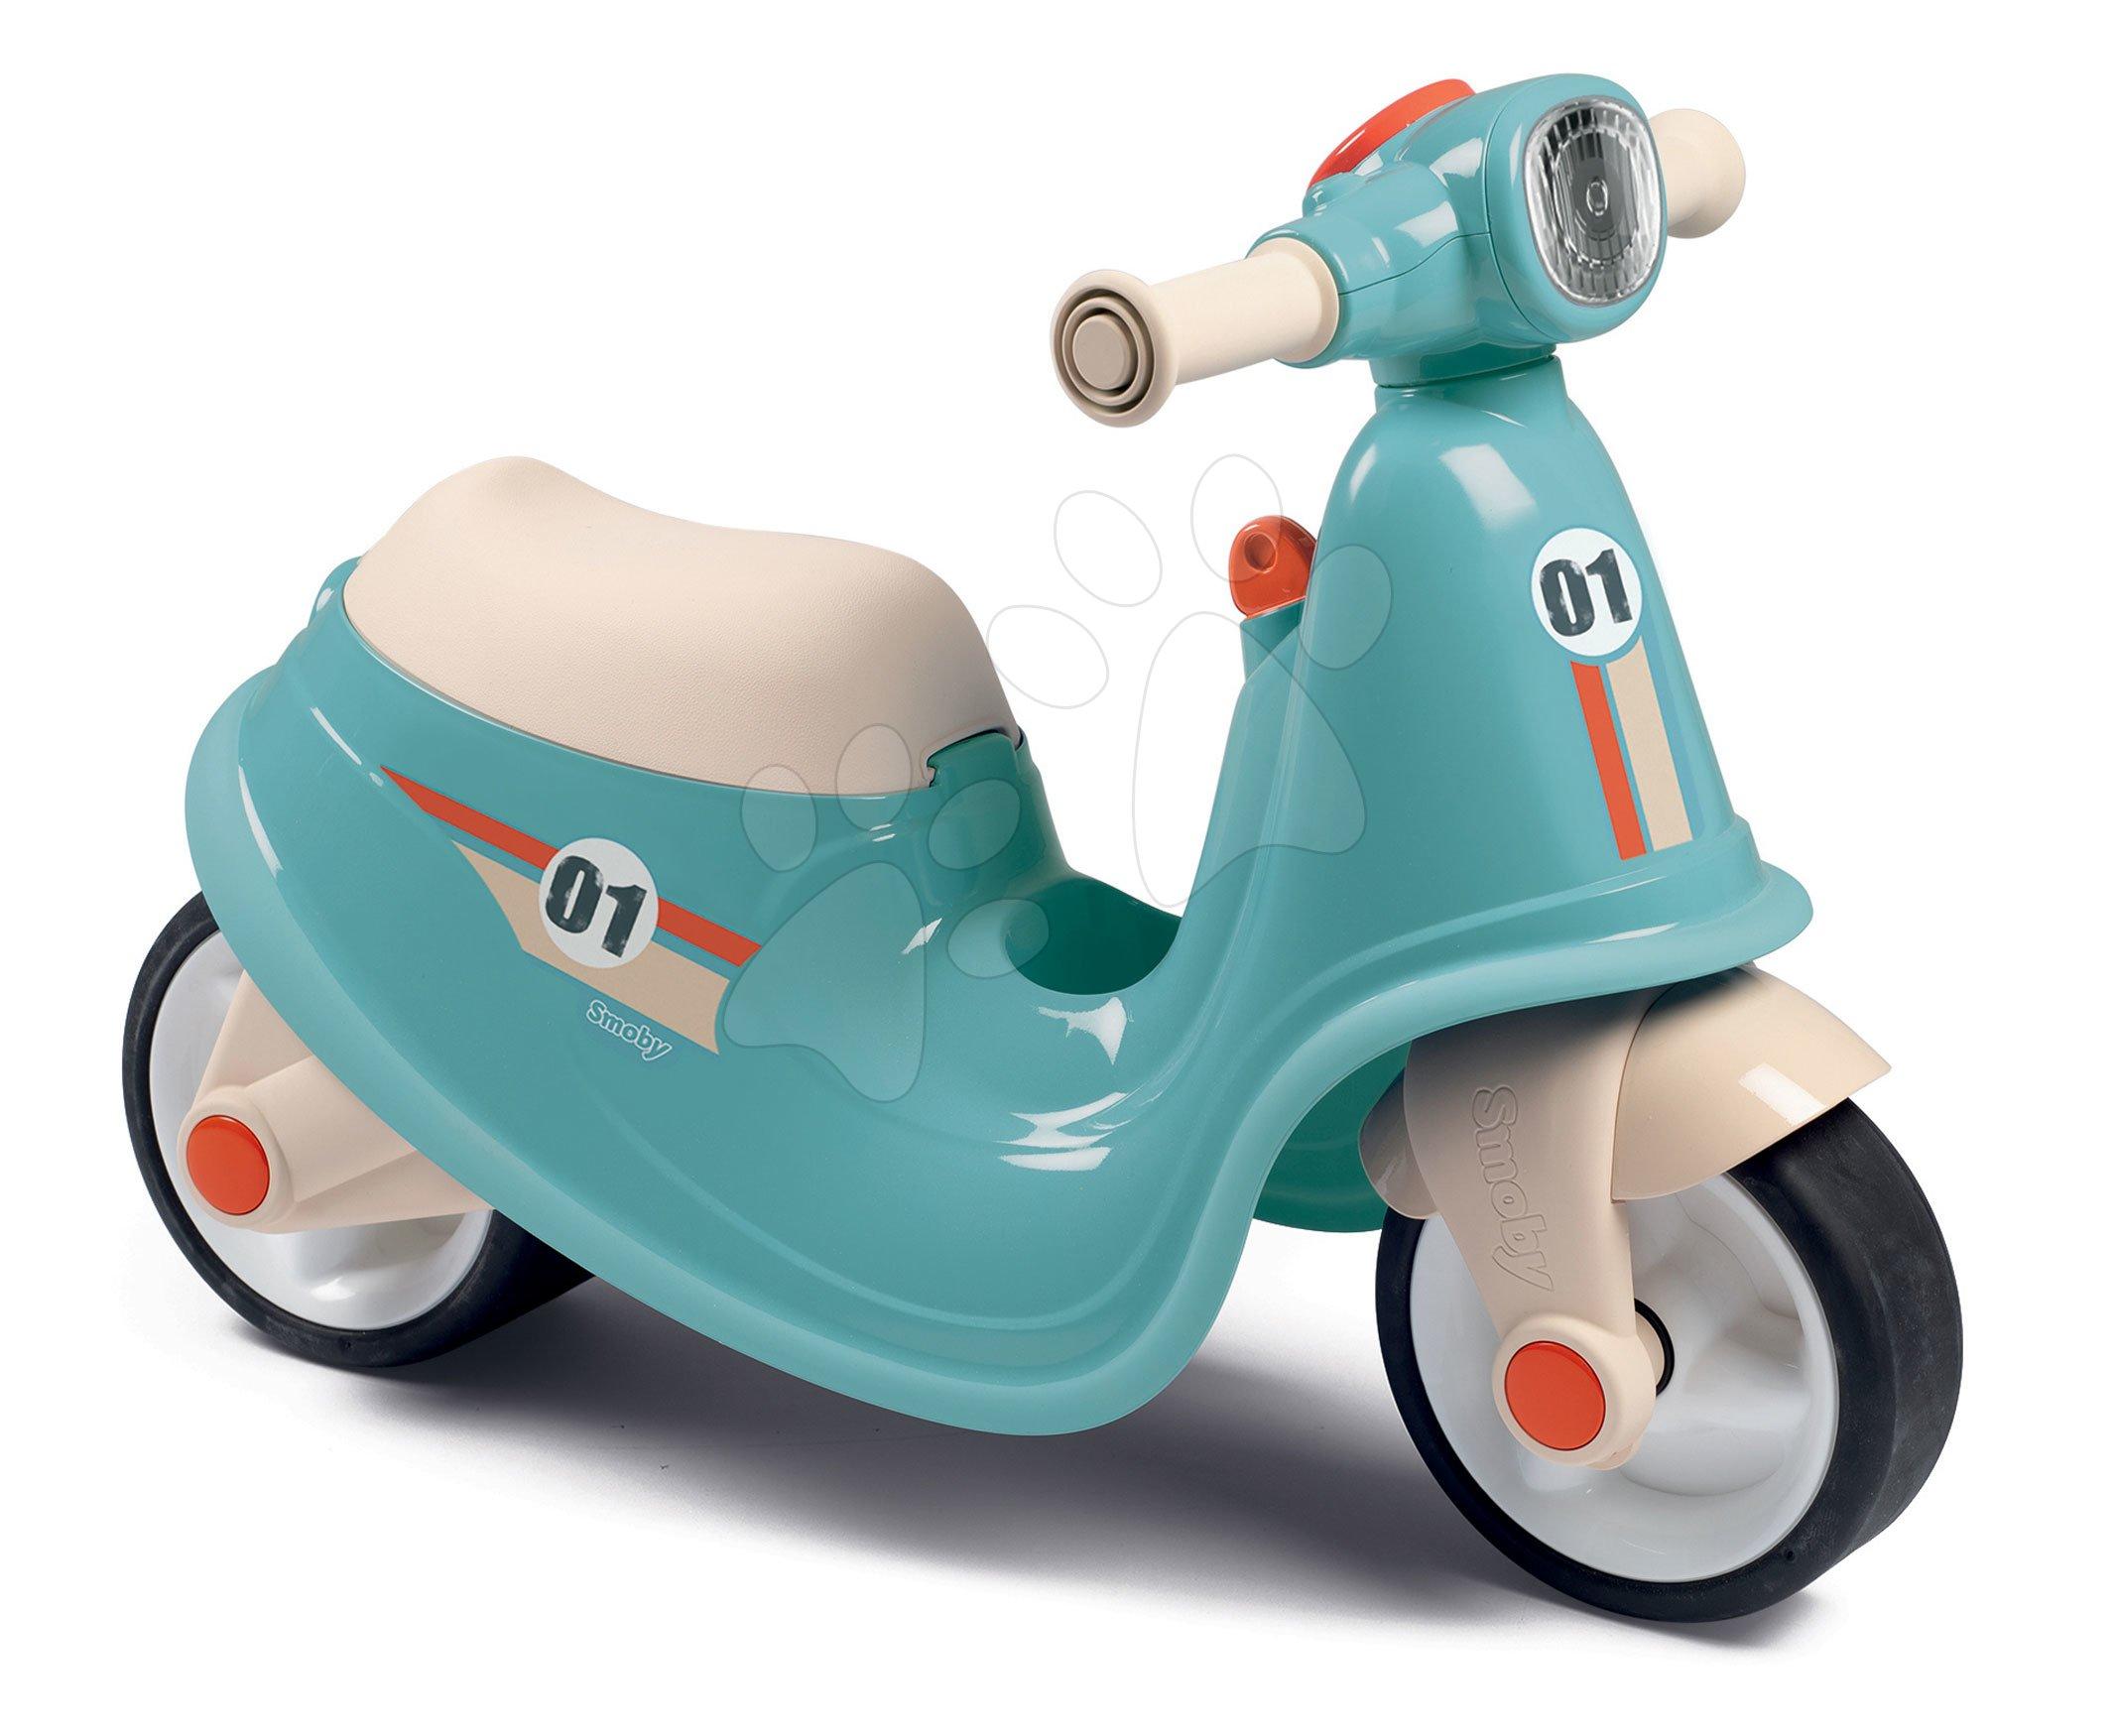 Odrážedlo motorka s reflektorem Scooter Blue Smoby s gumovými koly modro-šedé od 18 měsíců